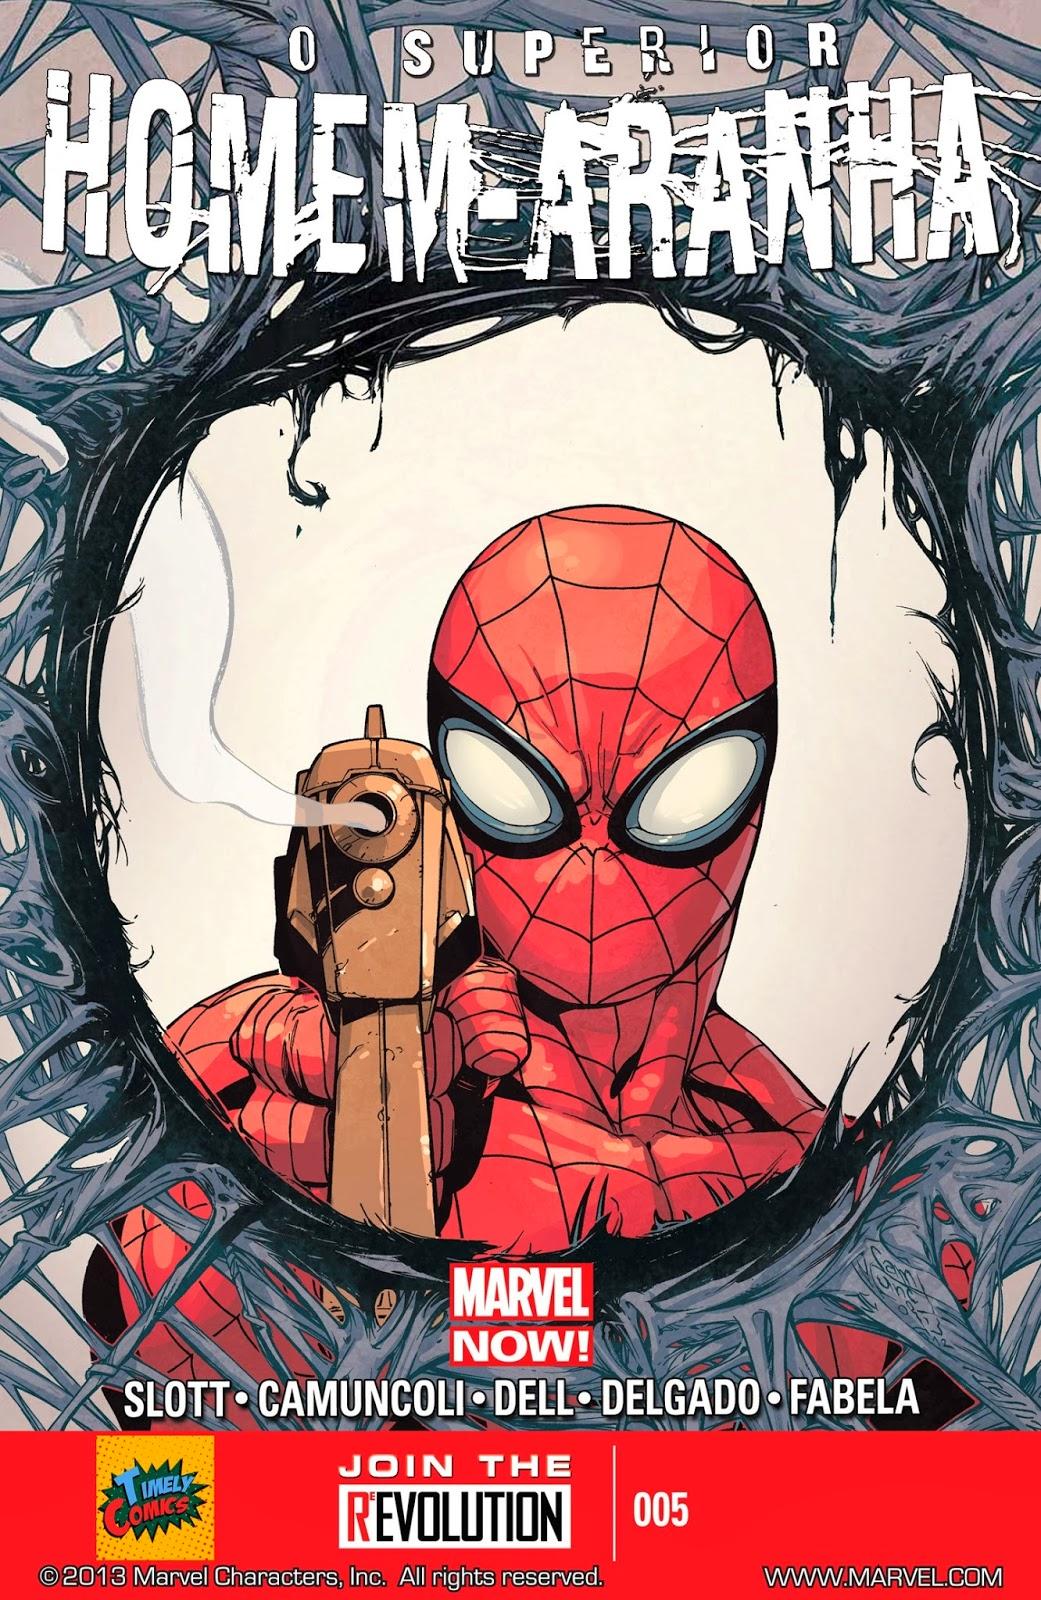 Nova Marvel! O Superior Homem-Aranha #5